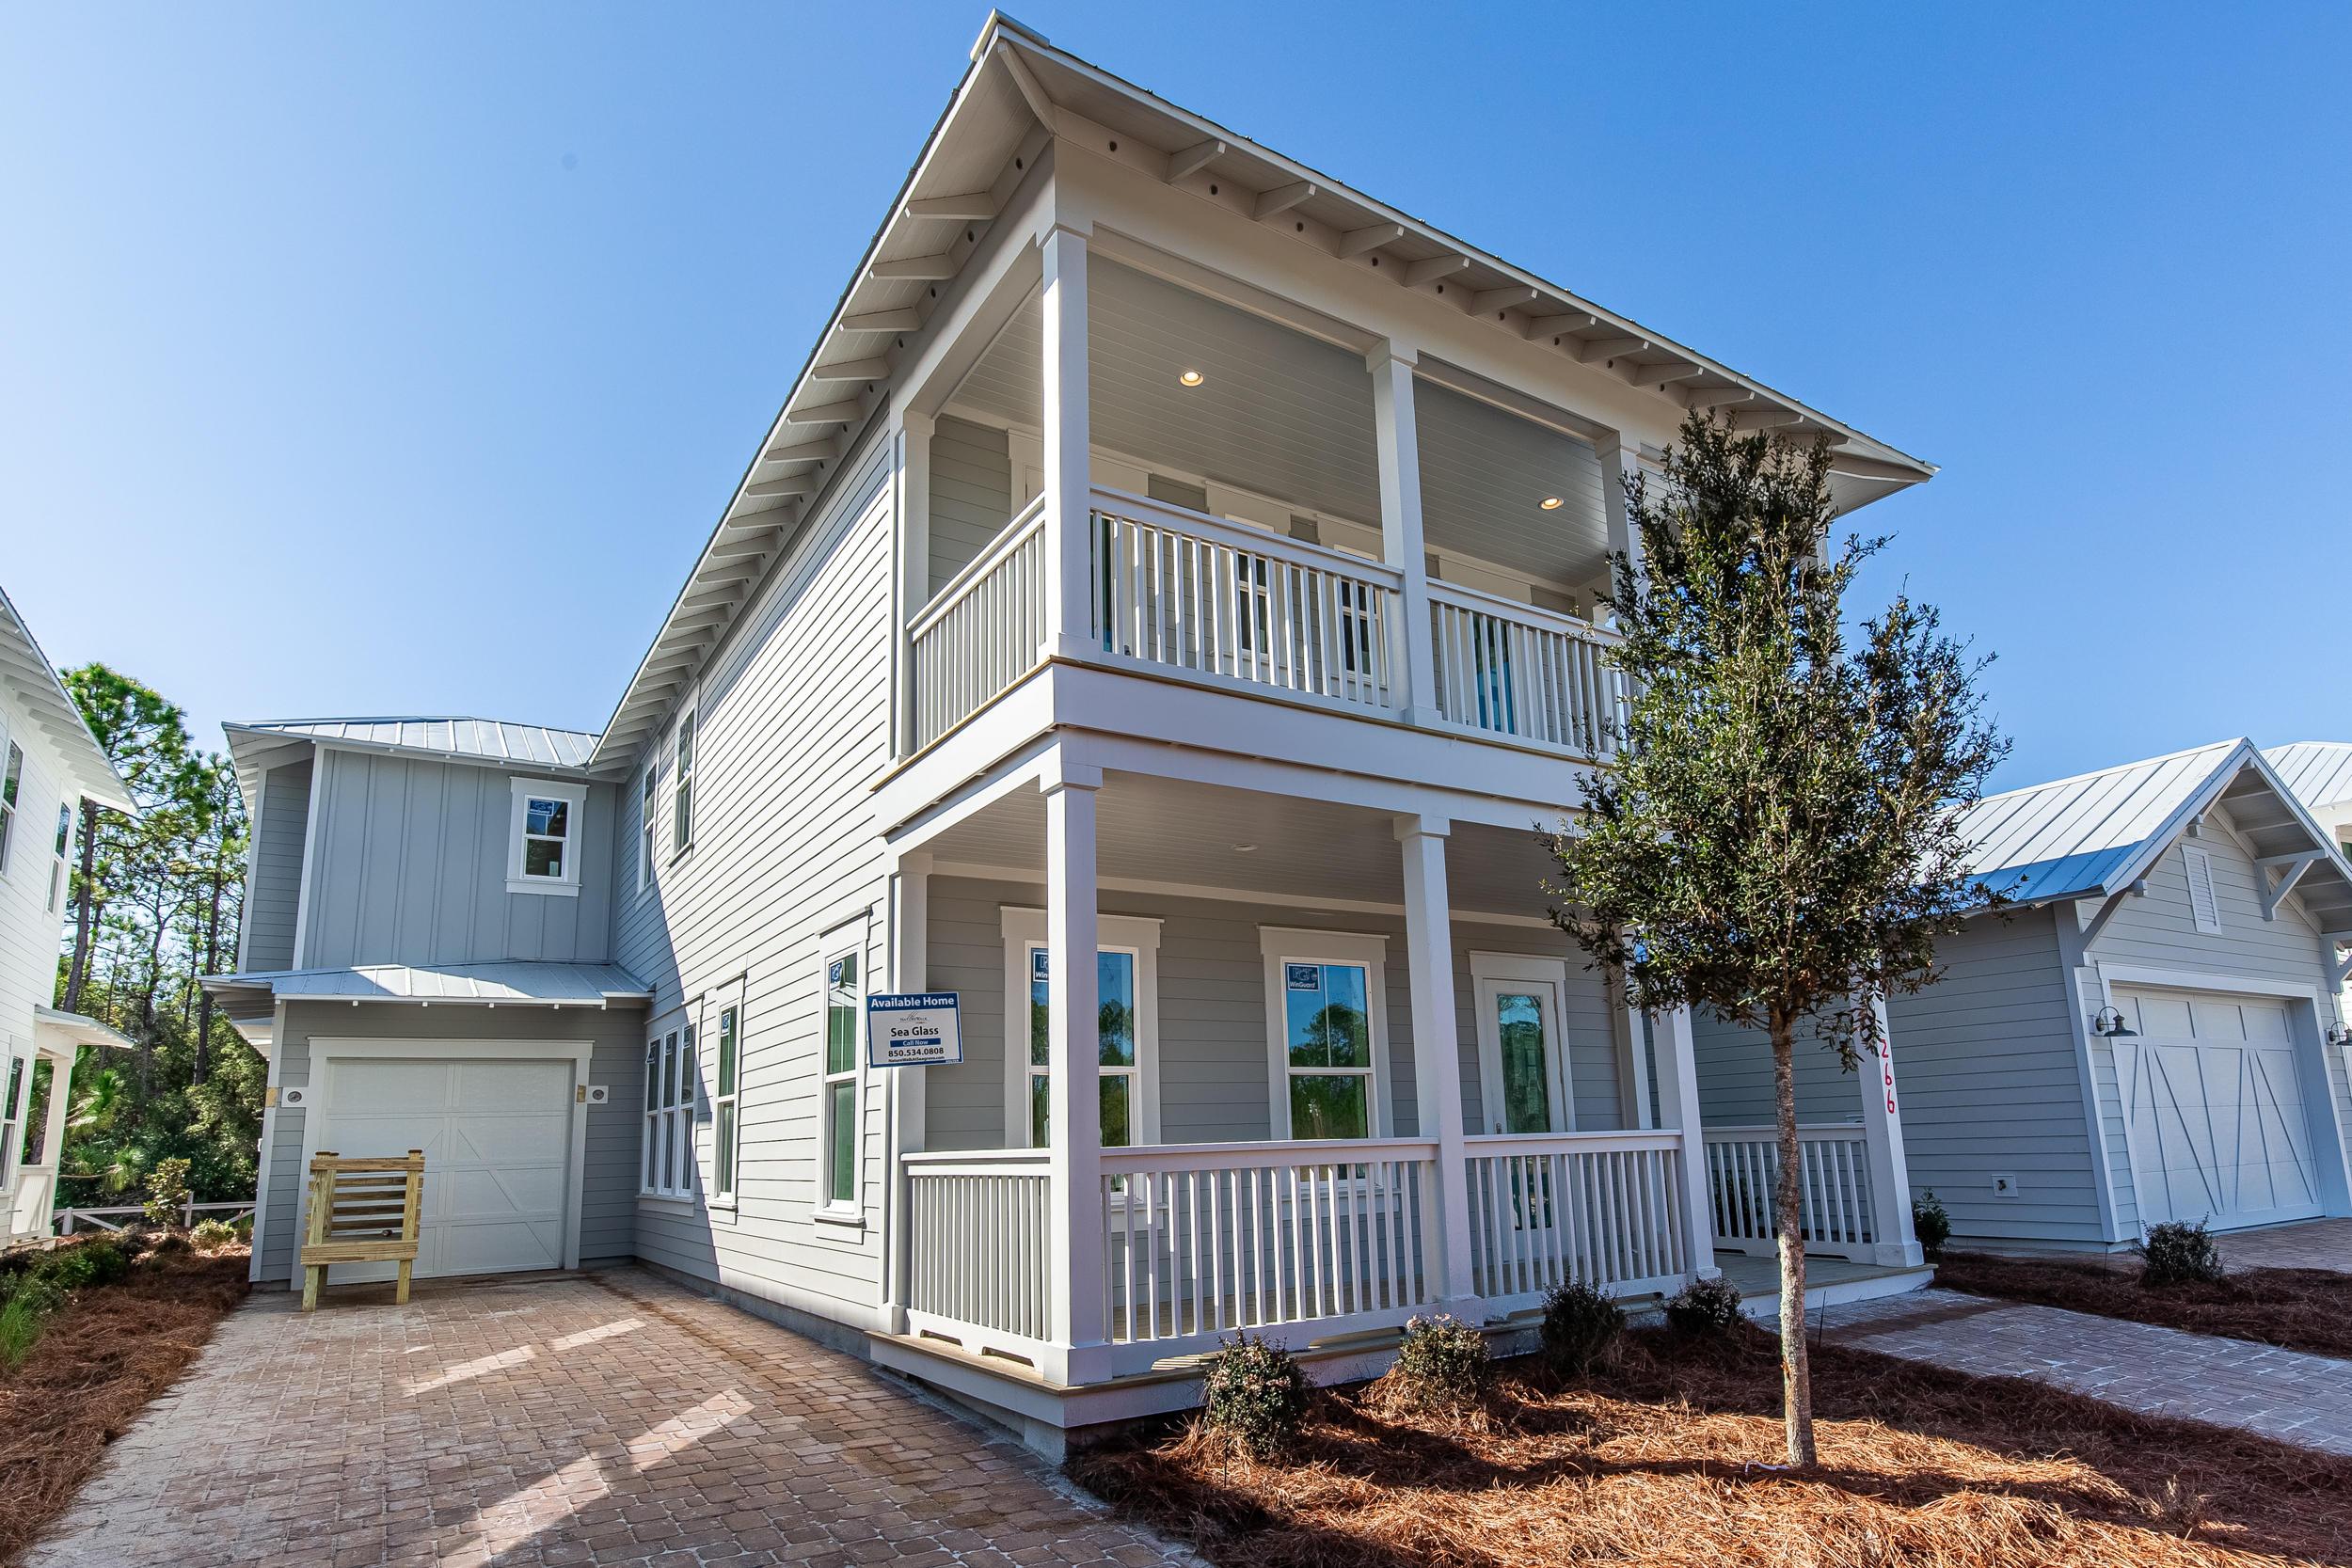 Photo of home for sale at 266 Prairie, Santa Rosa Beach FL